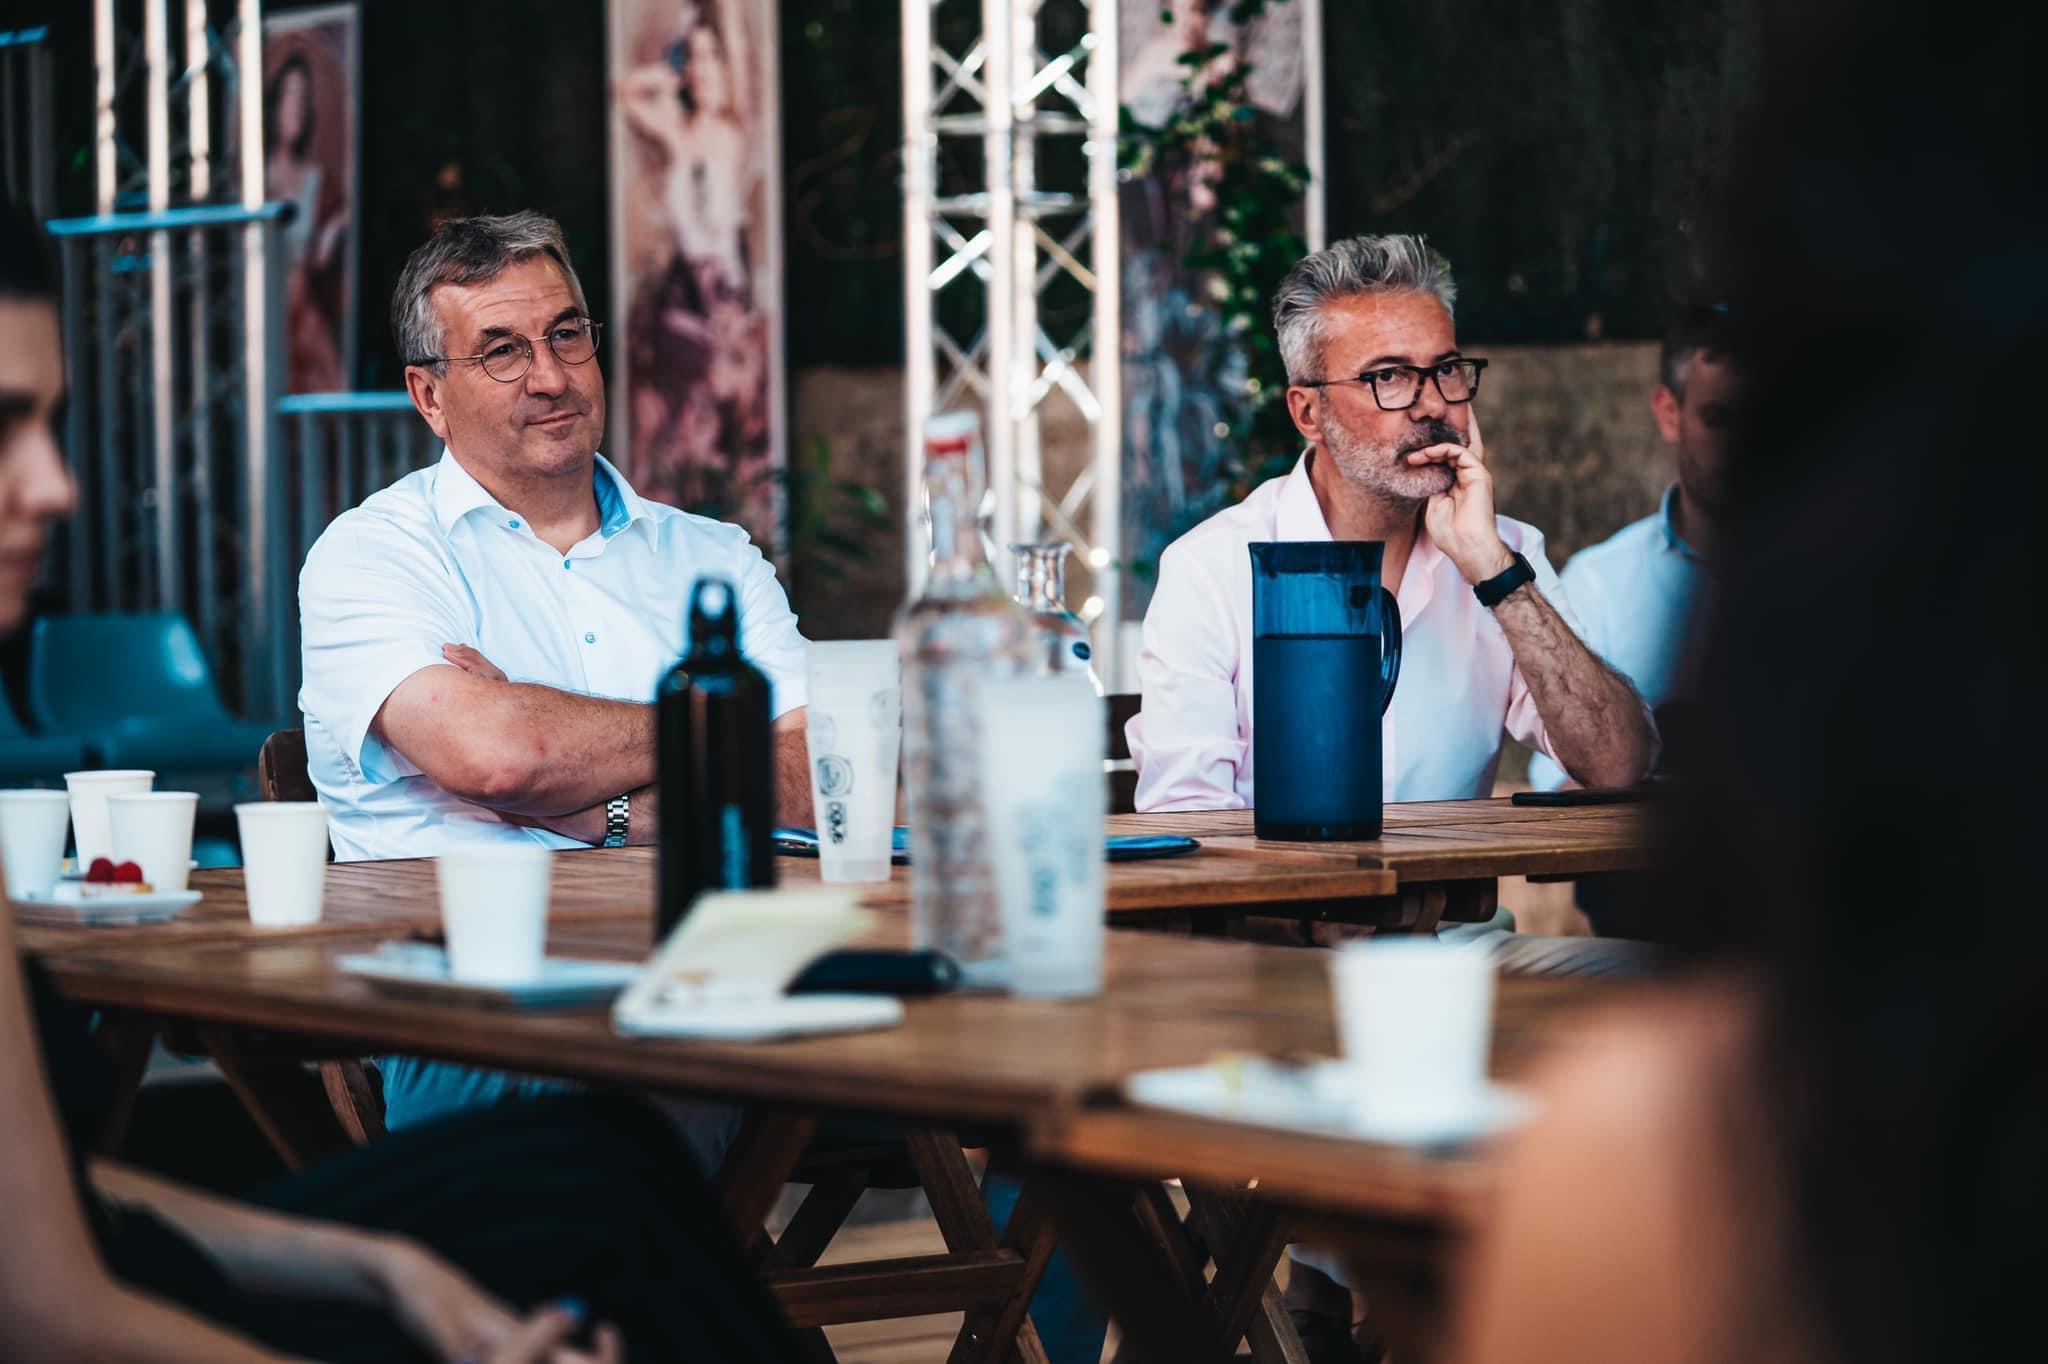 Pierre-Yves Jeholet, Ministre-Président de la Fédération Wallonie-Bruxelles, et Alain Cofino Gomez, Directeur du Théâtre des Doms ©️ J. Van Belle - WBI